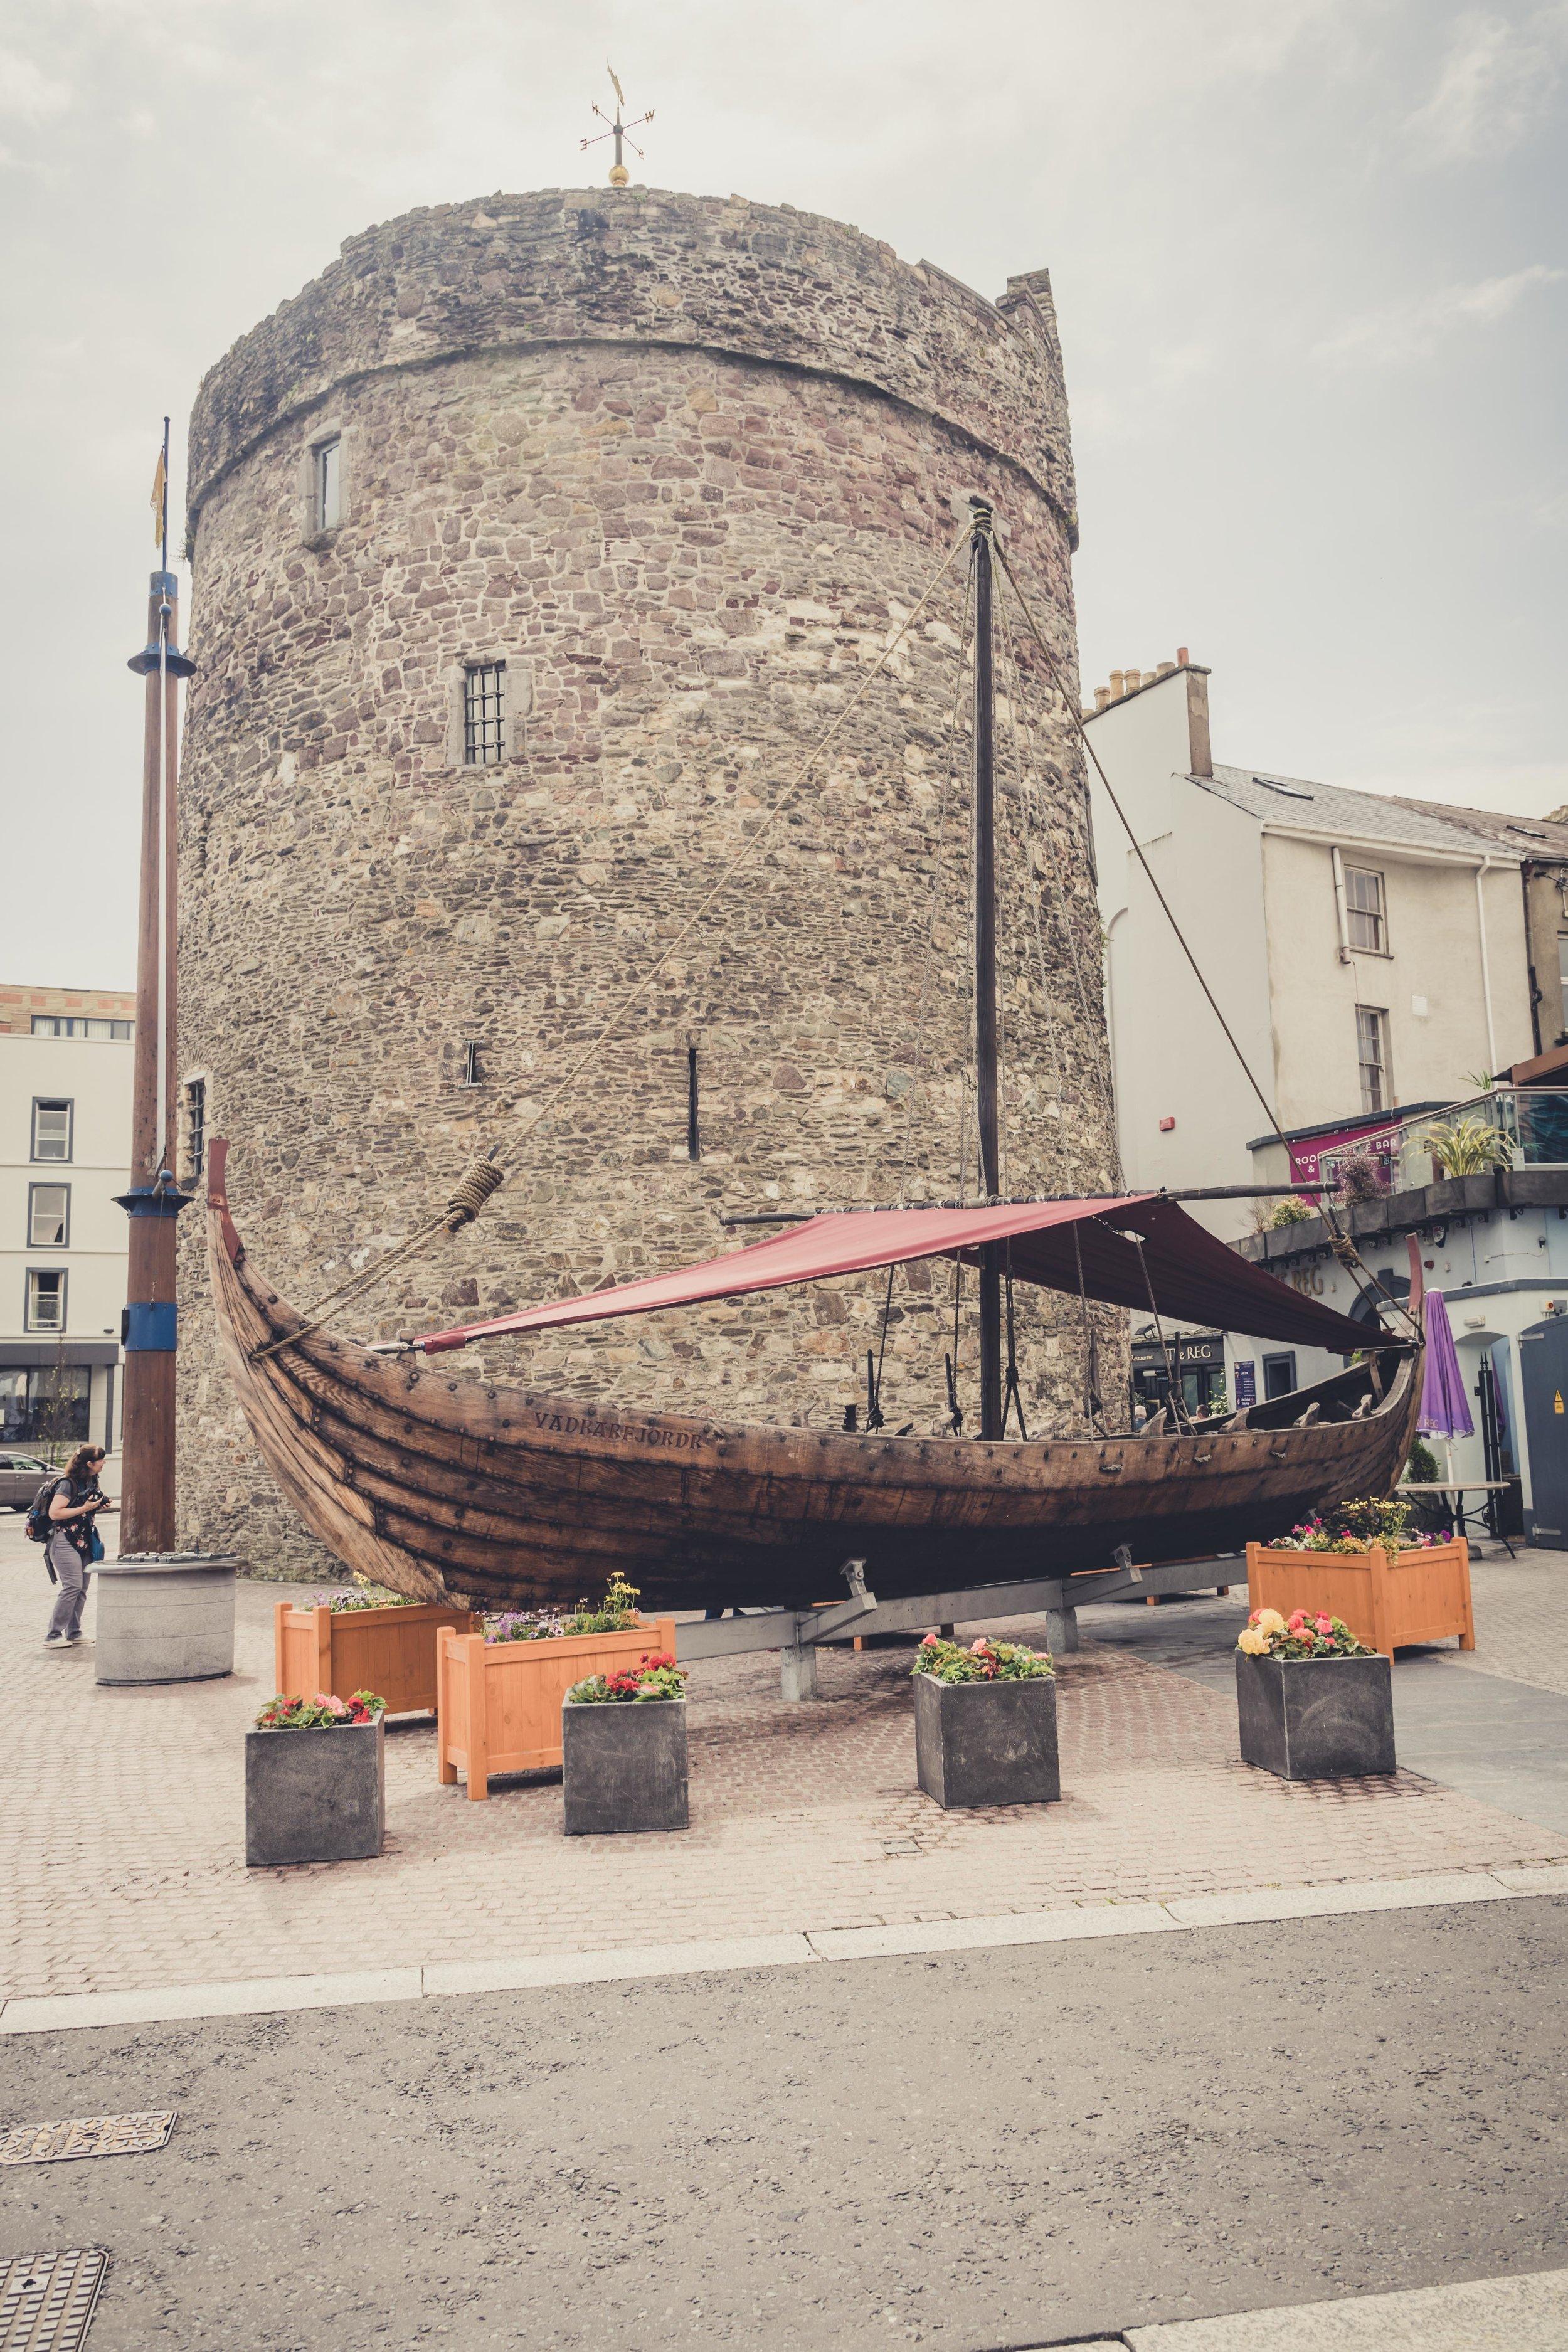 Reginald's Tower waterford ireland.jpg